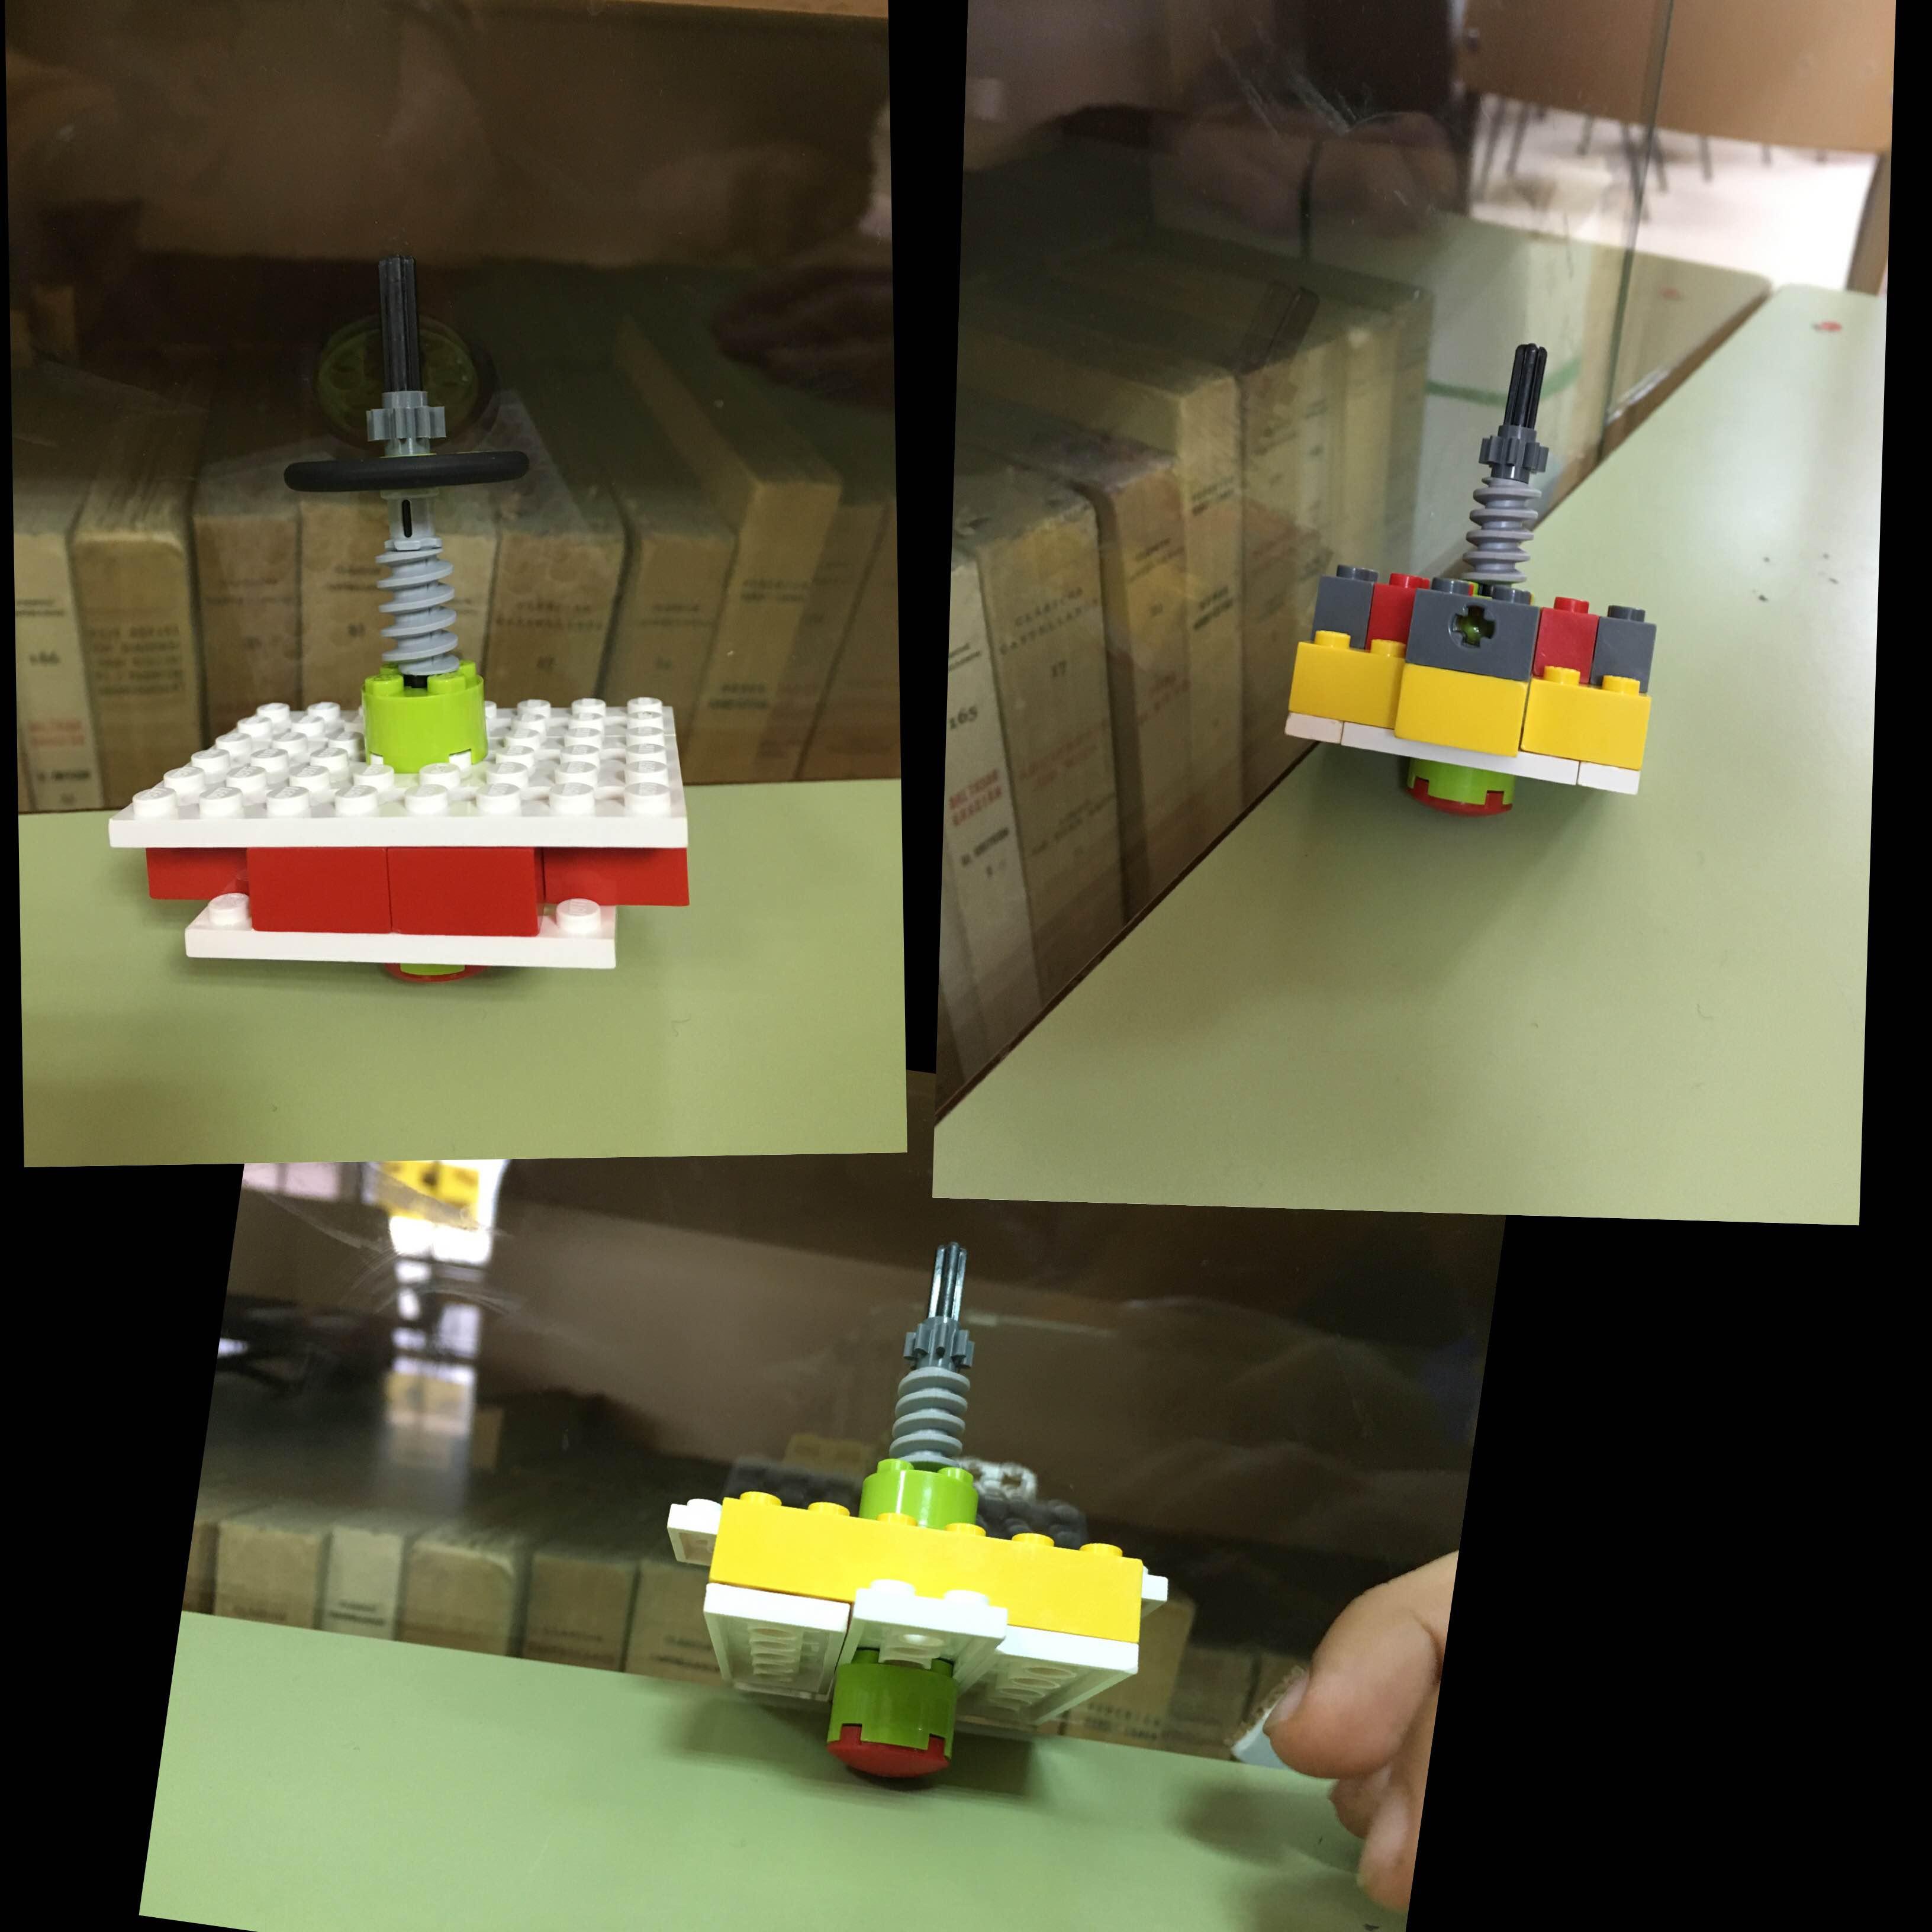 Competición de peonzas robóticas